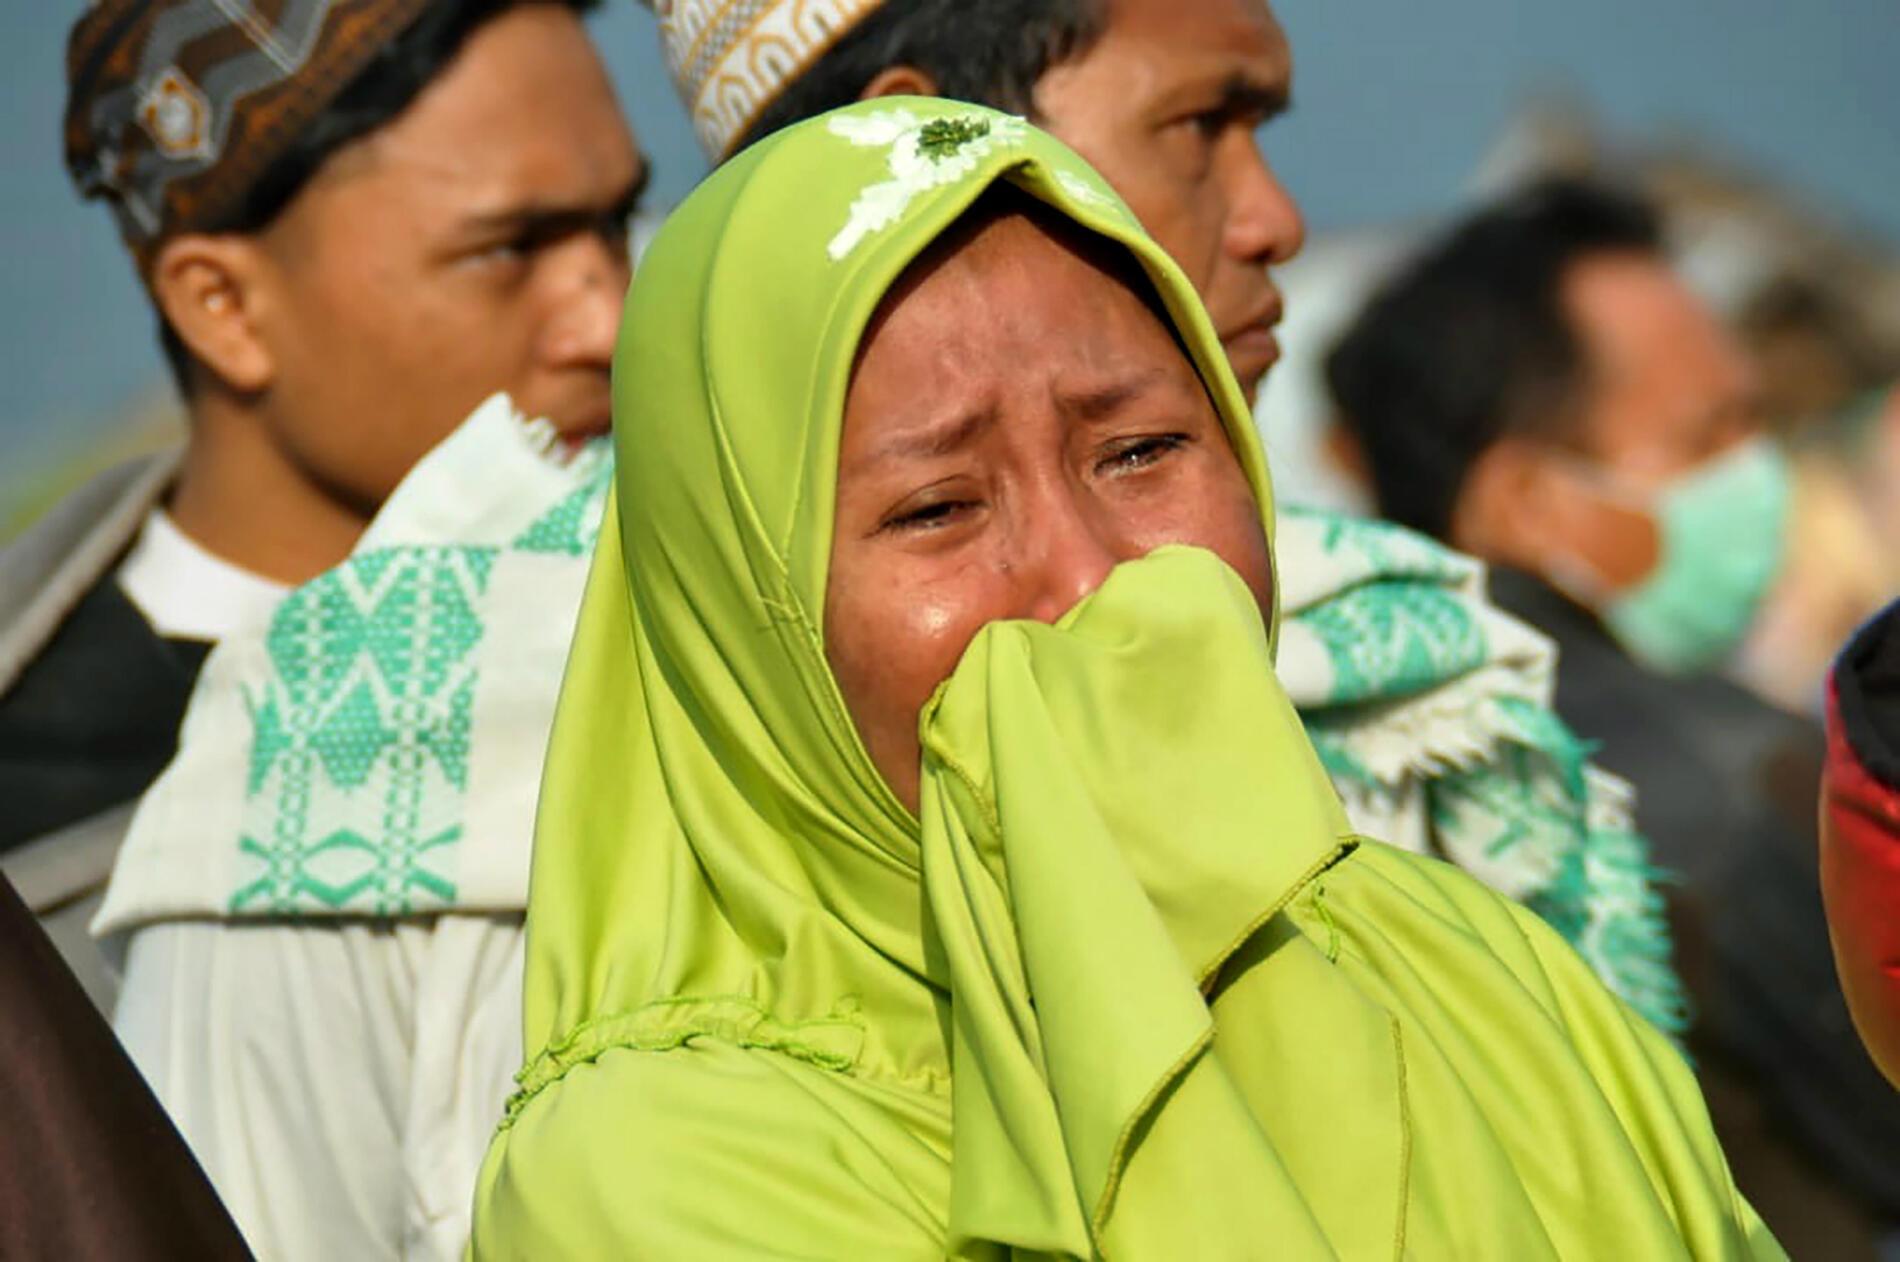 Alors que les survivants cherchent désespérément à retrouver leurs proches, beaucoup sont également en deuil.